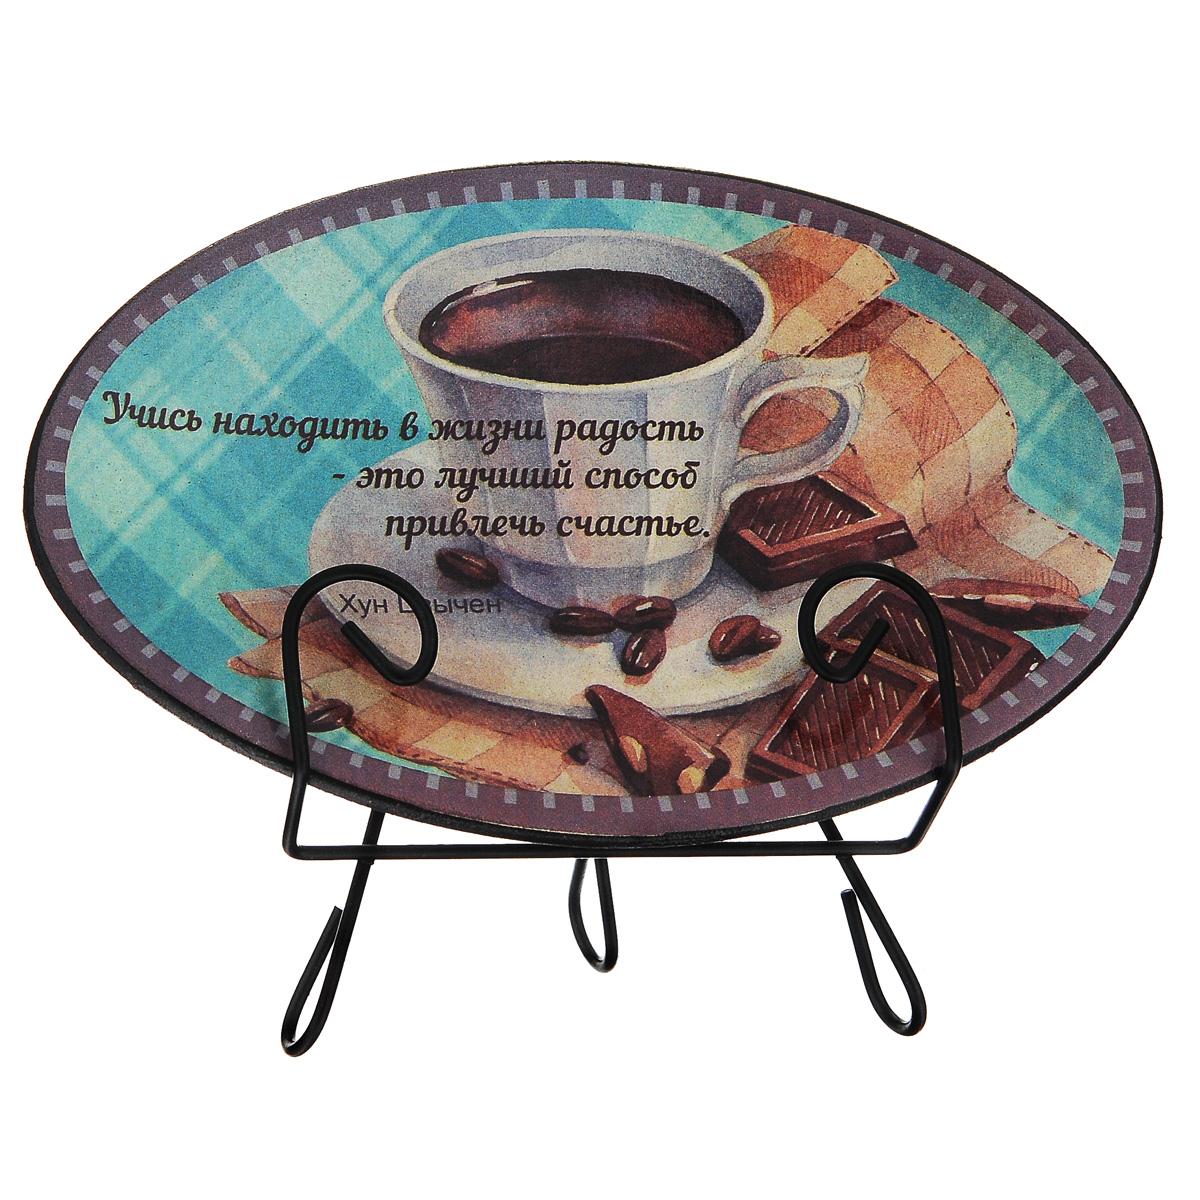 Тарелка декоративная Хун Цзычен, на подставке, 15 см х 10 см36237Декоративная тарелка на подставке станет прекрасным дополнением к декору практически любого помещения, будь то кухня, столовая, гостиная, холл или рабочий кабинет. Тарелка выполнена из доломитовой керамики, подставка в виде треноги, благодаря которой сувенир удобно и быстро располагается на любой горизонтальной поверхности, - из черного металла. Поверхность декорирована изображениями ароматной чашечкой кофе и кусочками шоколада, а также цитатой Хун Цзычена: Учись находить в жизни радость - это лучший способ привлечь счастье. Очаровательная декоративная тарелка - замечательный подарок друзьям и близким людям.